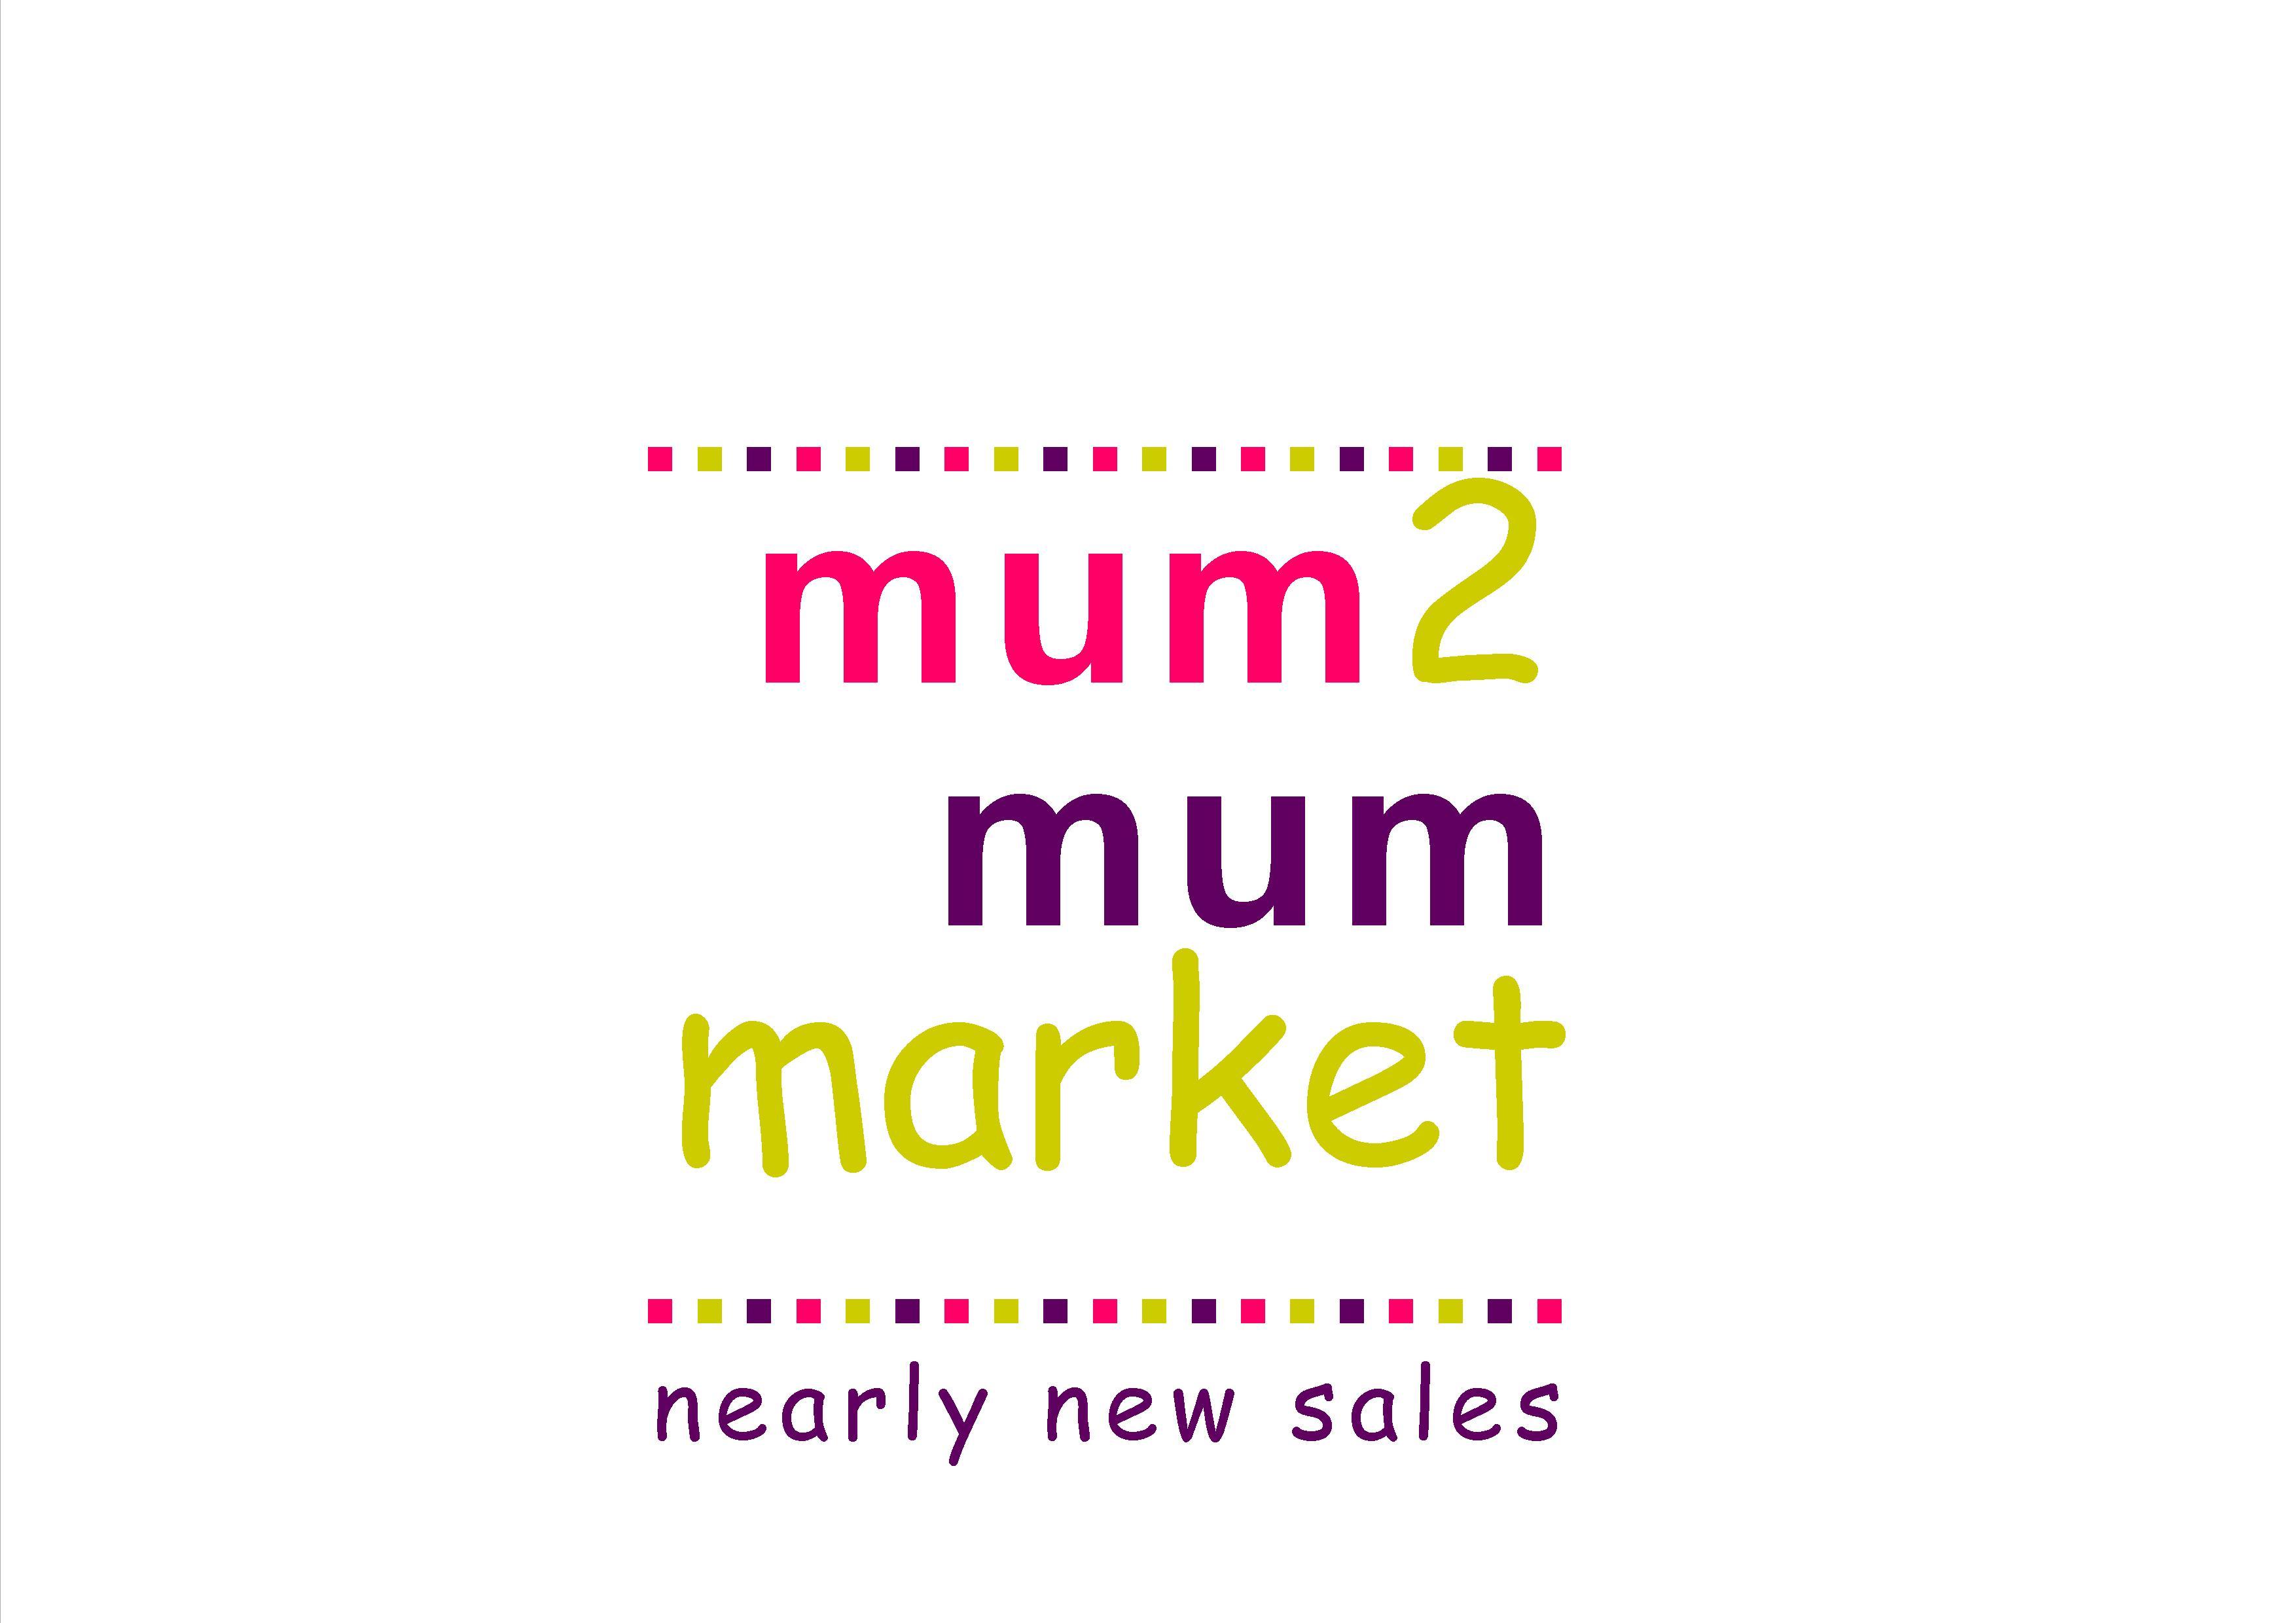 mum2mum_market_logo_pic_lettering-2